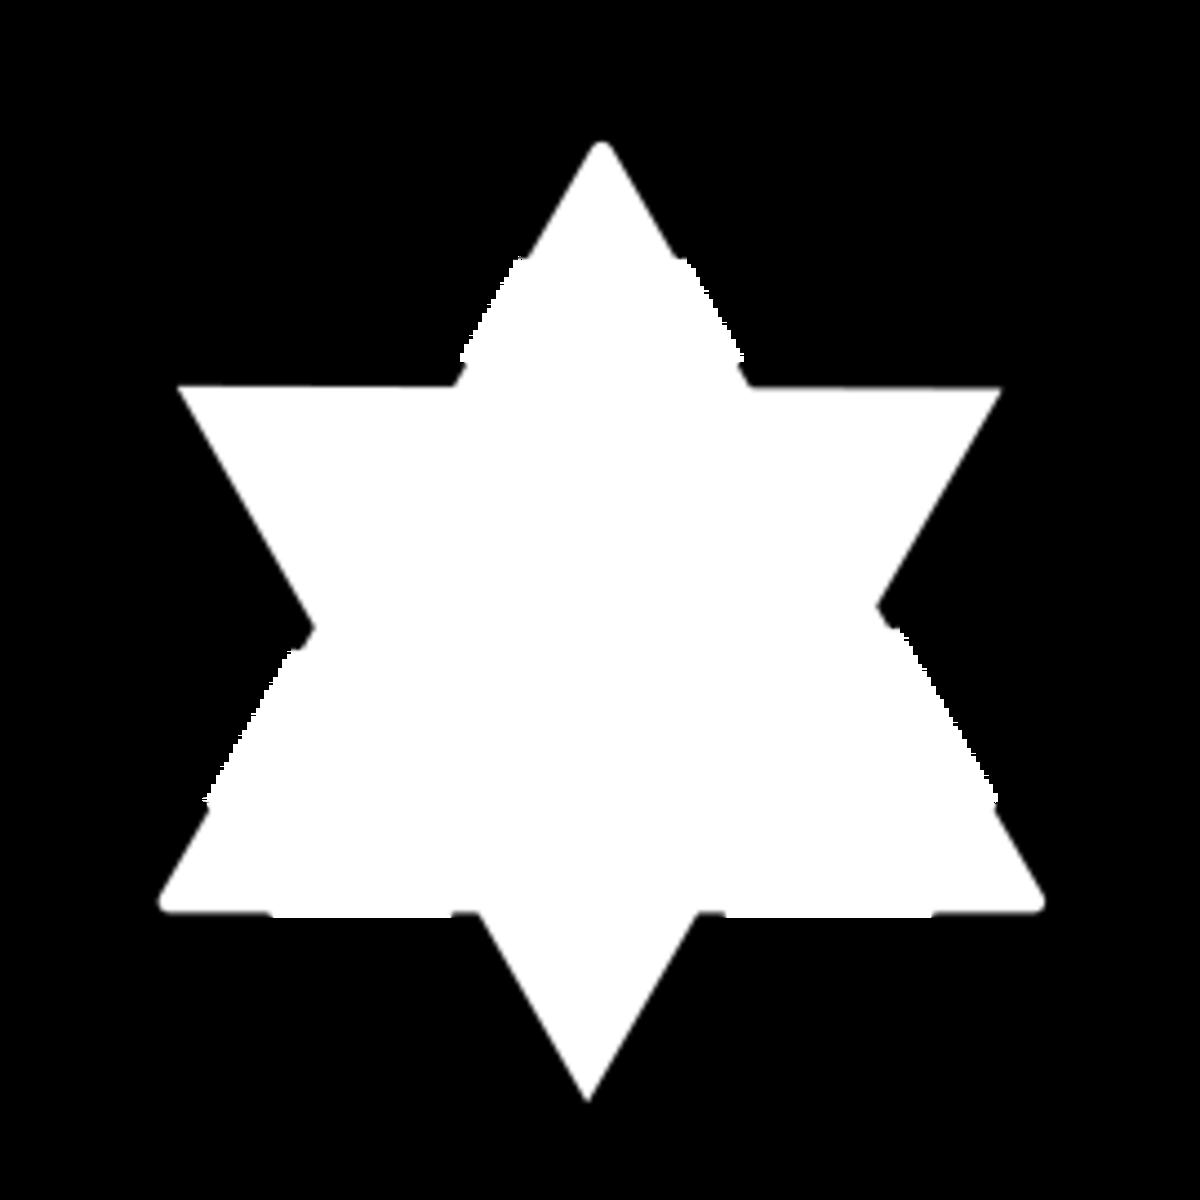 Triangle optical illusion.